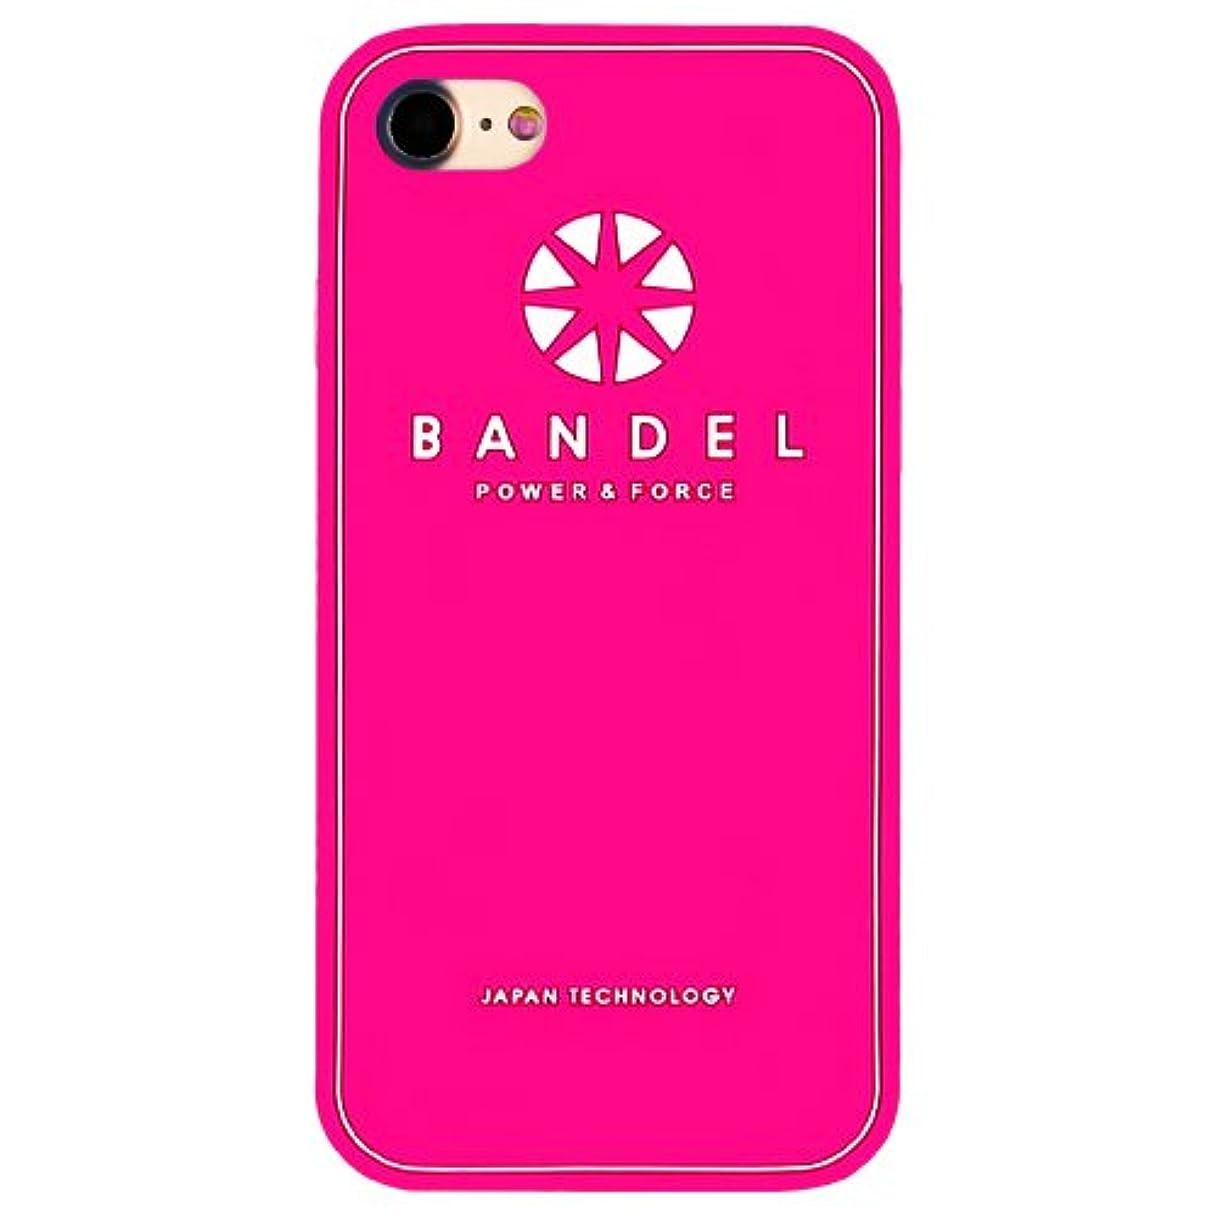 探検ダウンタウン田舎者バンデル(BANDEL) ロゴ iPhone 8 Plus専用 シリコンケース [ピンク×ホワイト]